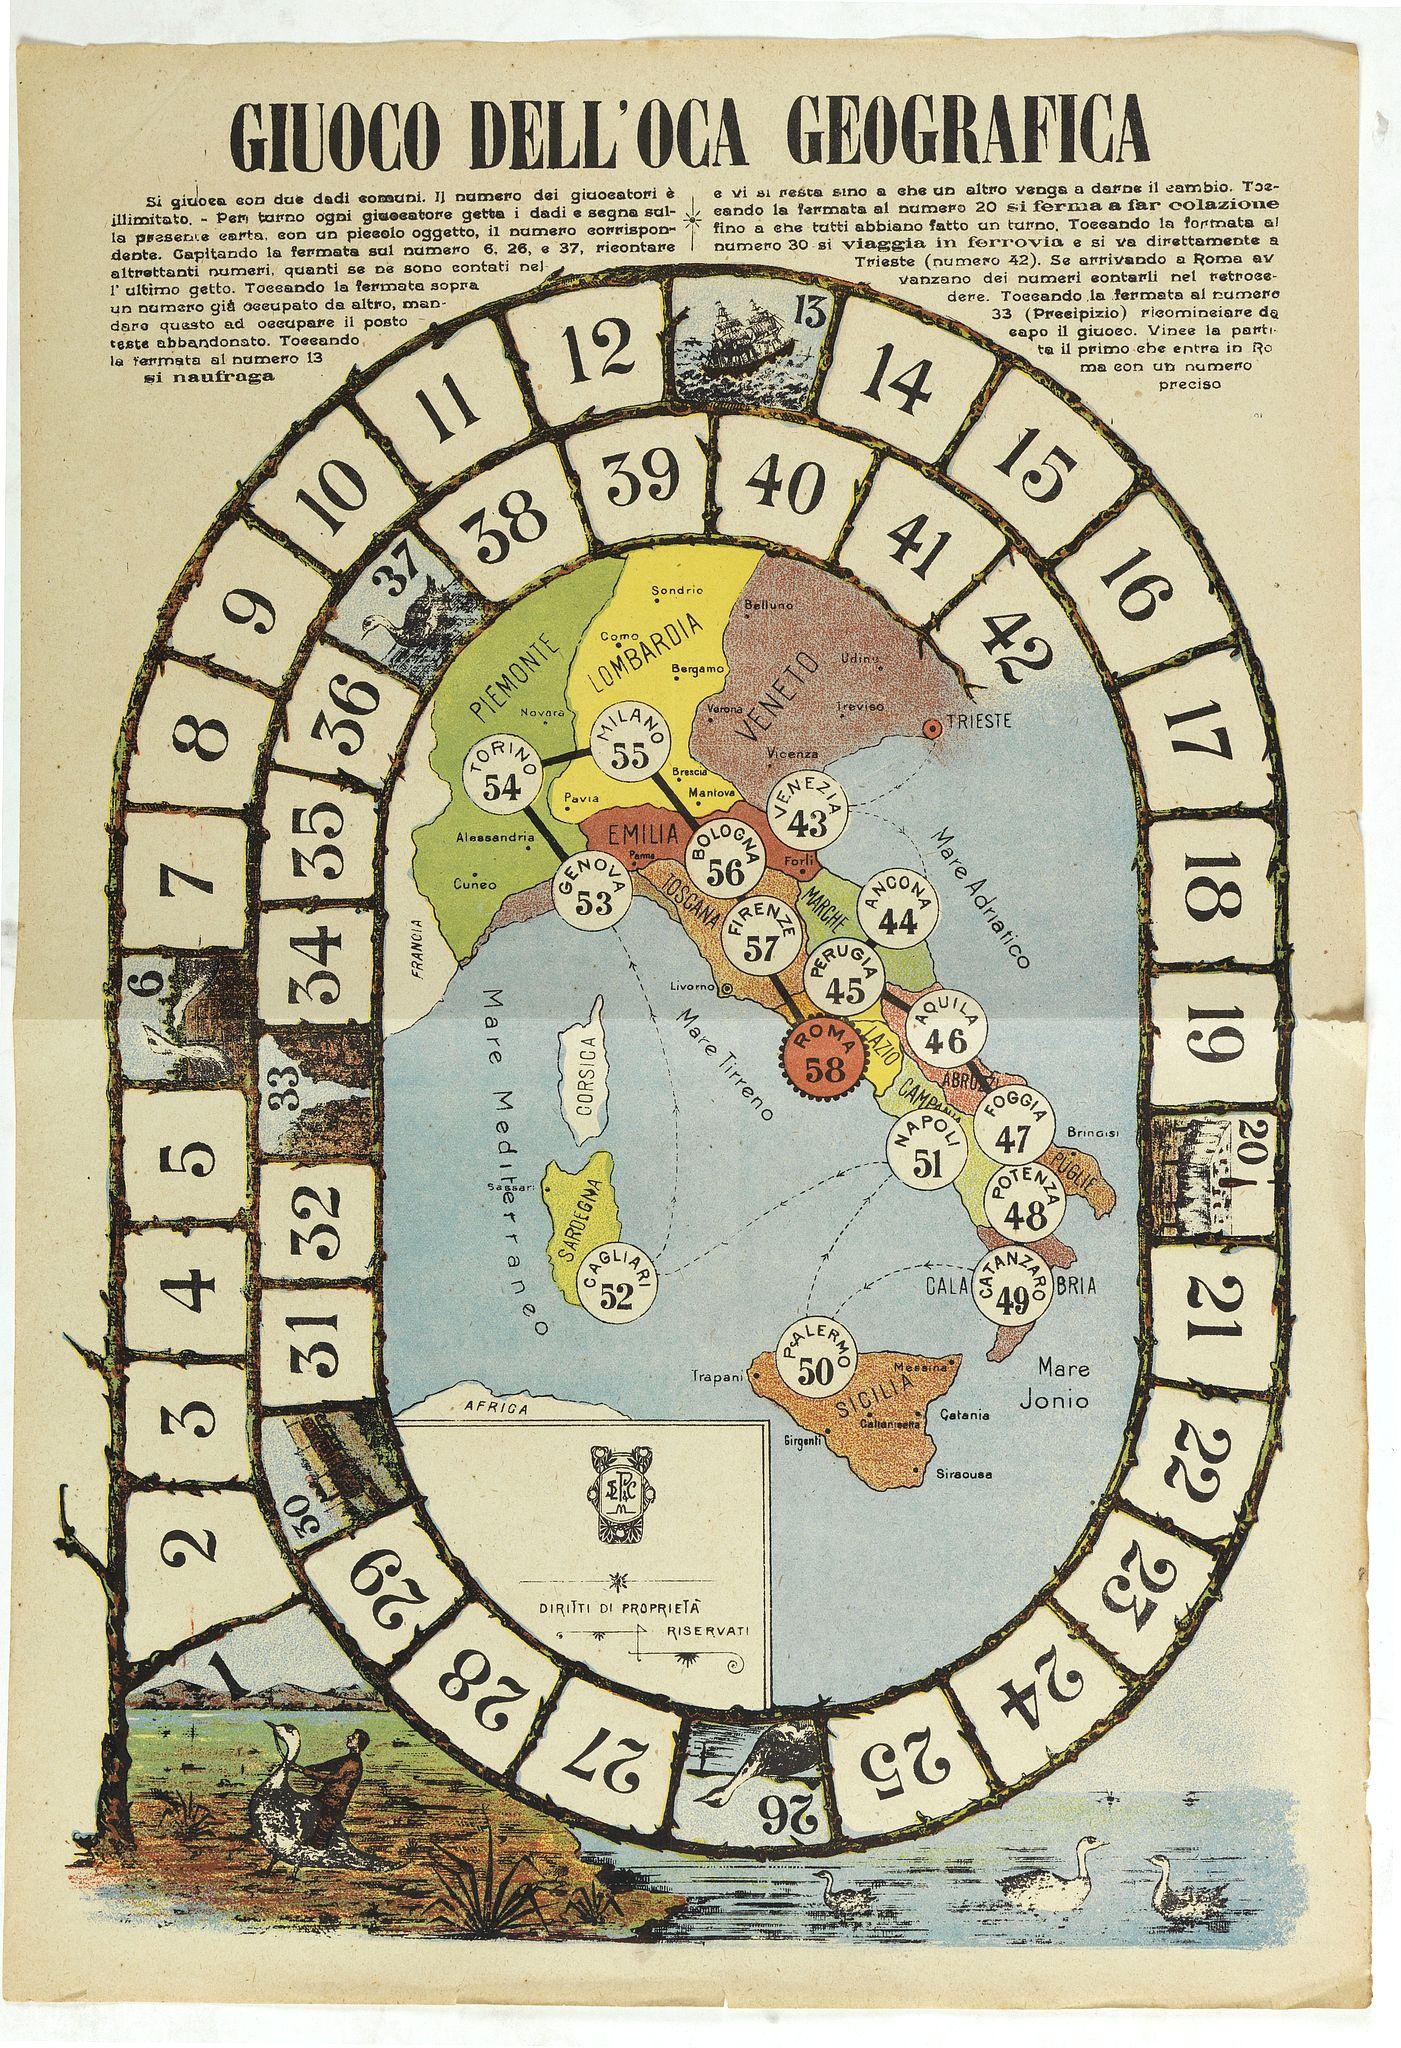 DITTA L. PEREGO -  Giuoco Dell'Oca Geografica.